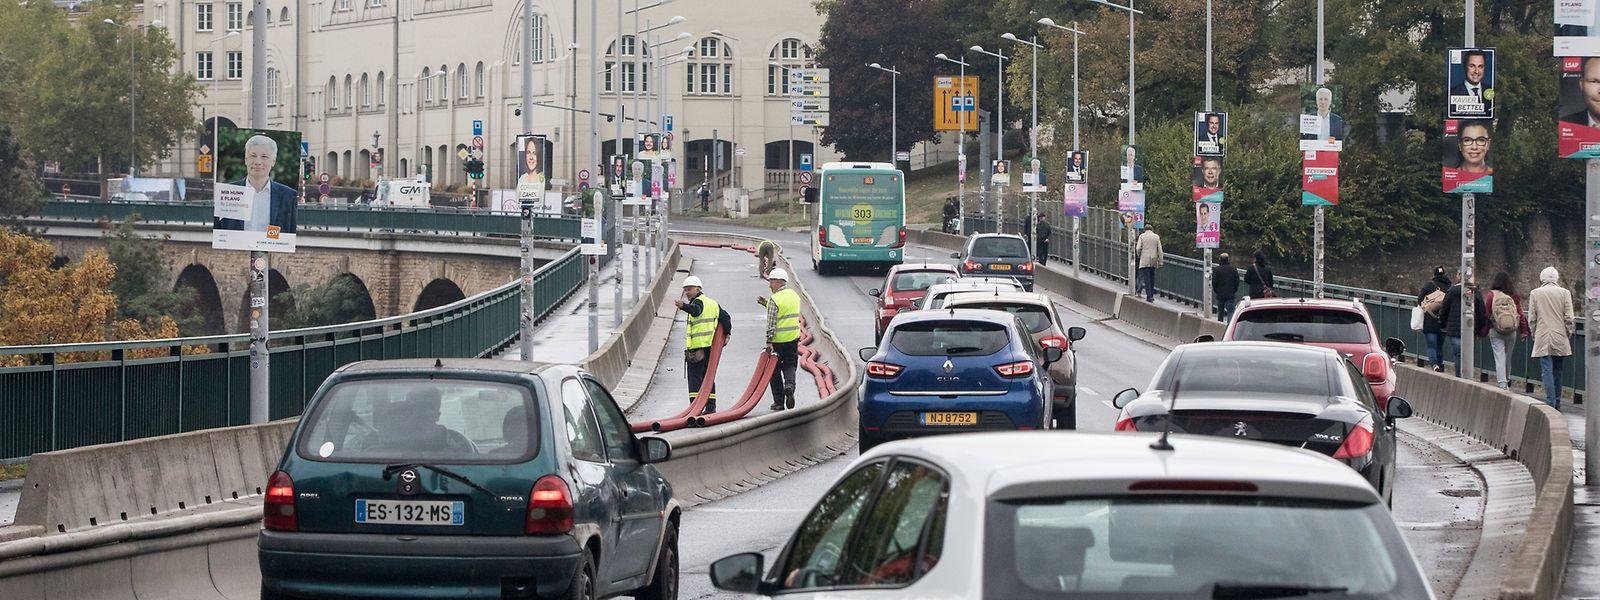 Am Montag wurde die Baustelle aufgenommen. Für die Verbreiterung der Brücke sind 411 Werktage vorgesehen.